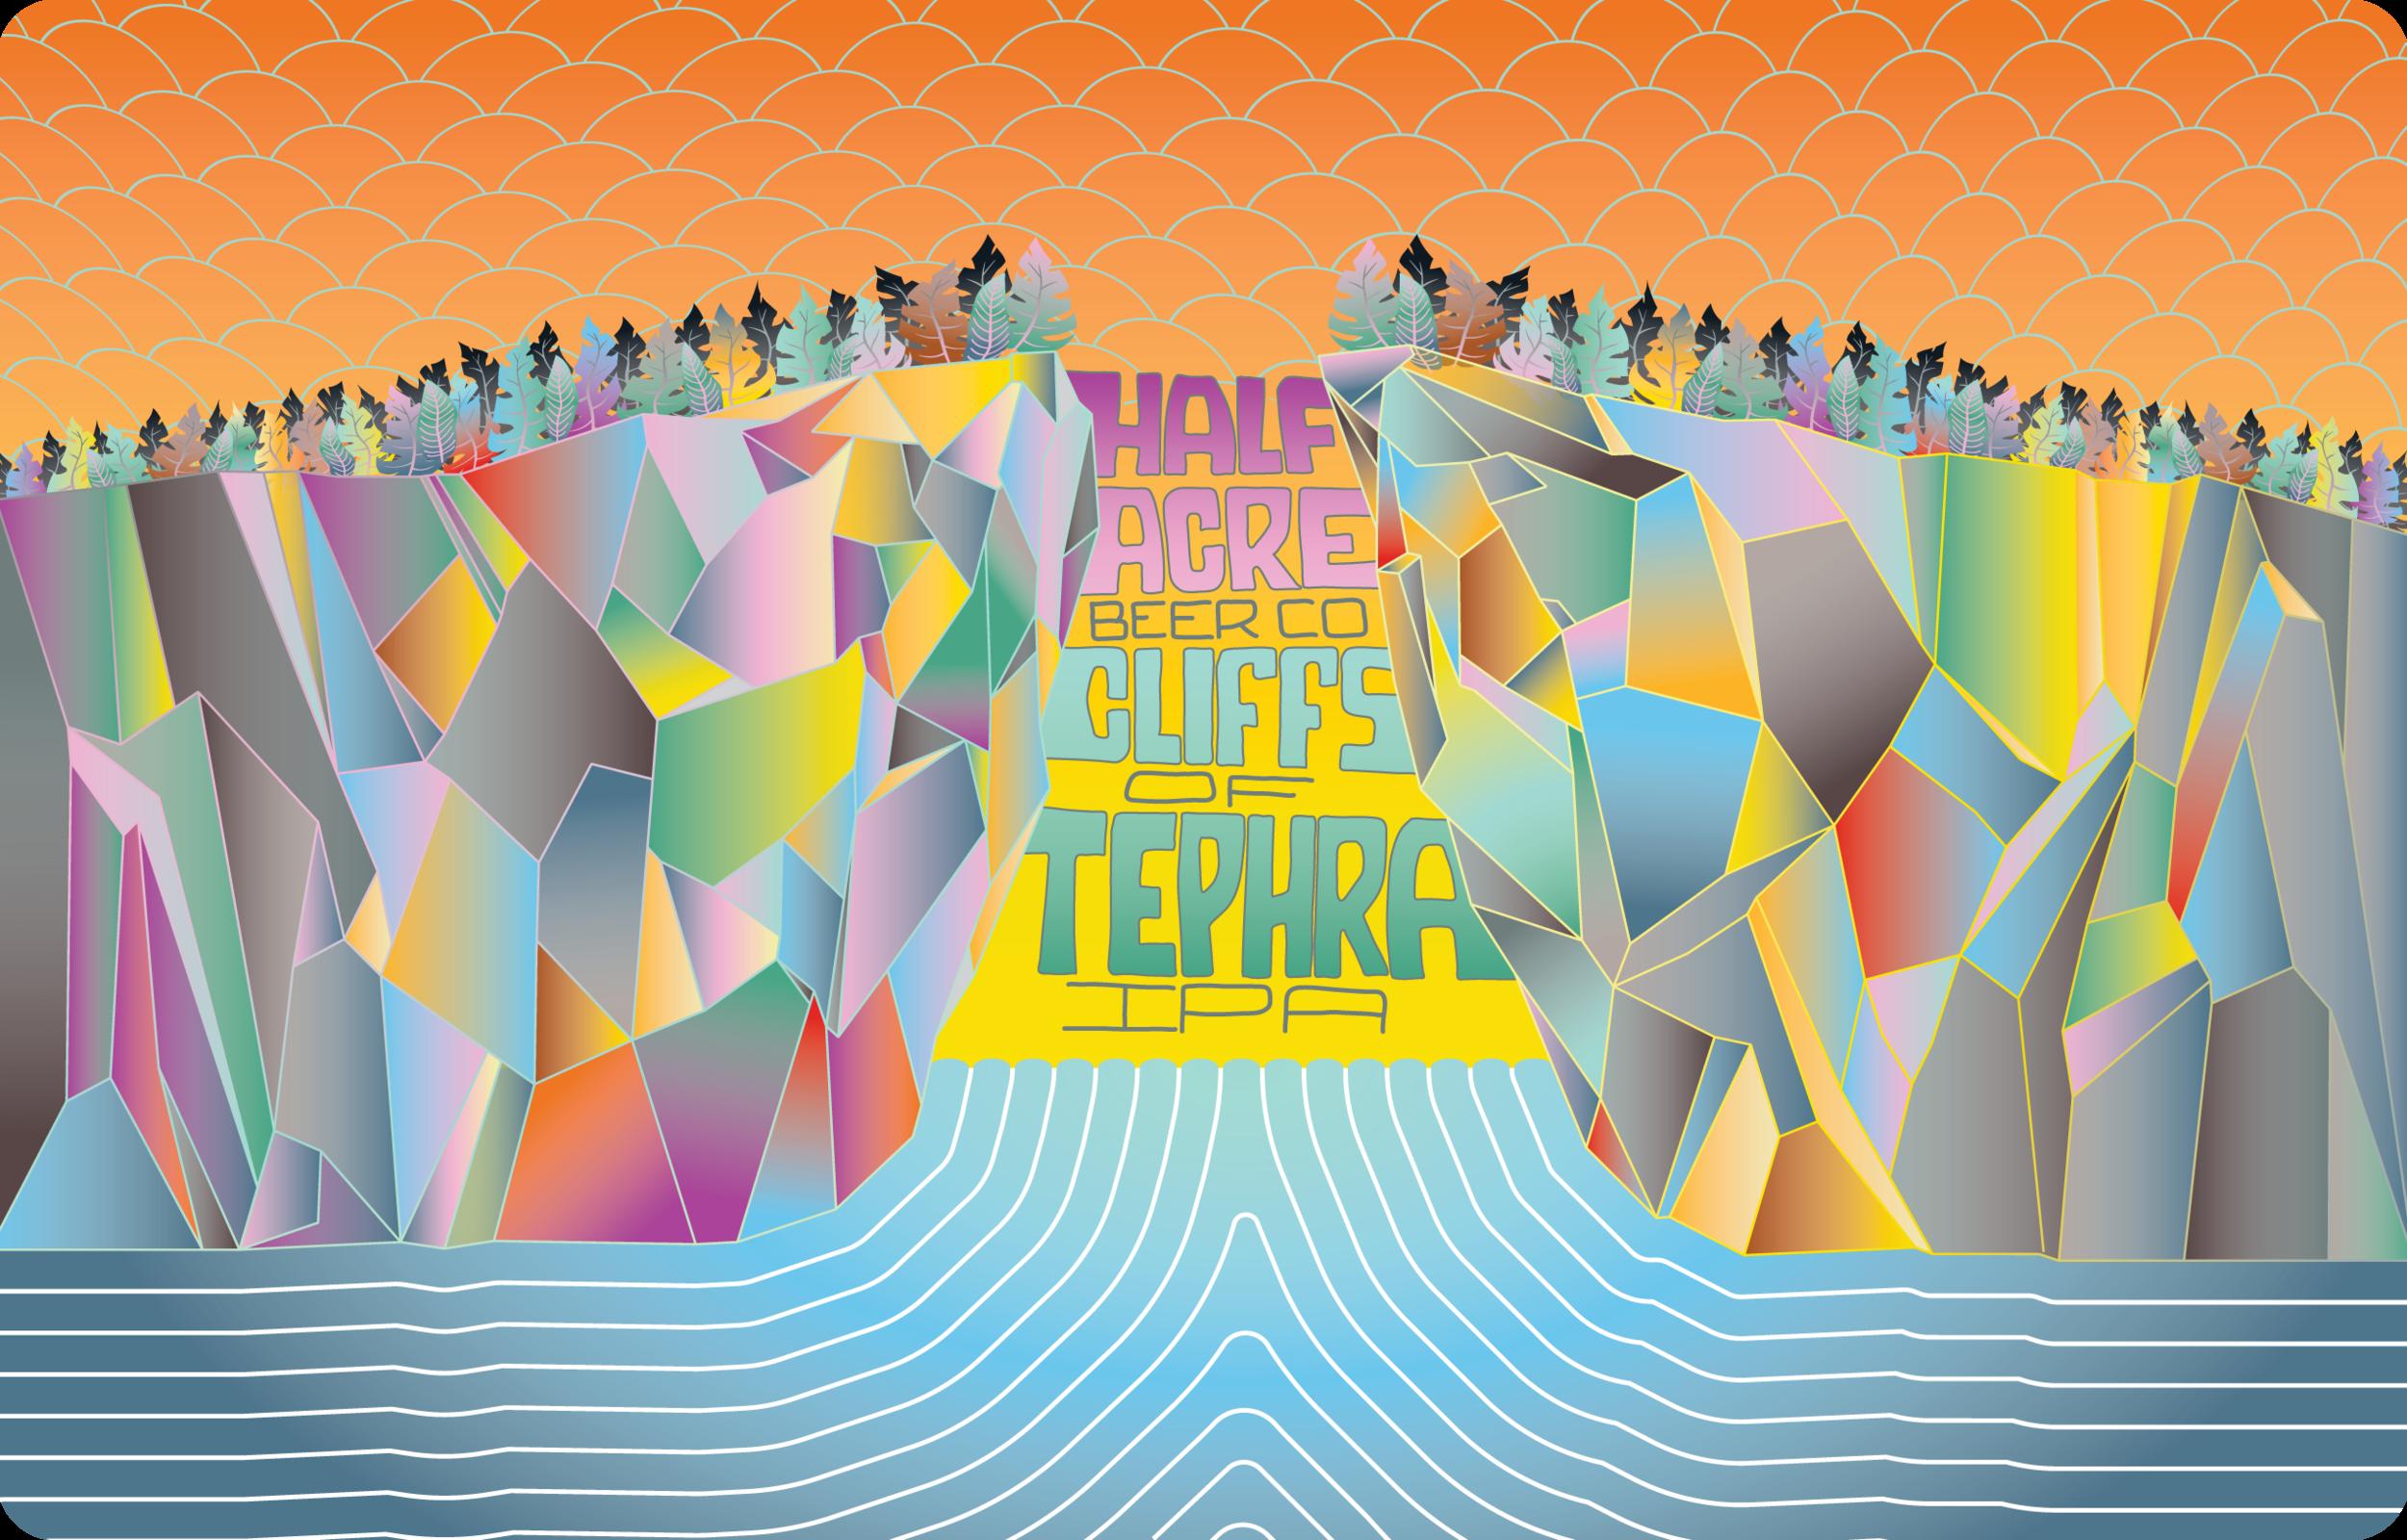 Cliffs-of-Tephra_v3.png